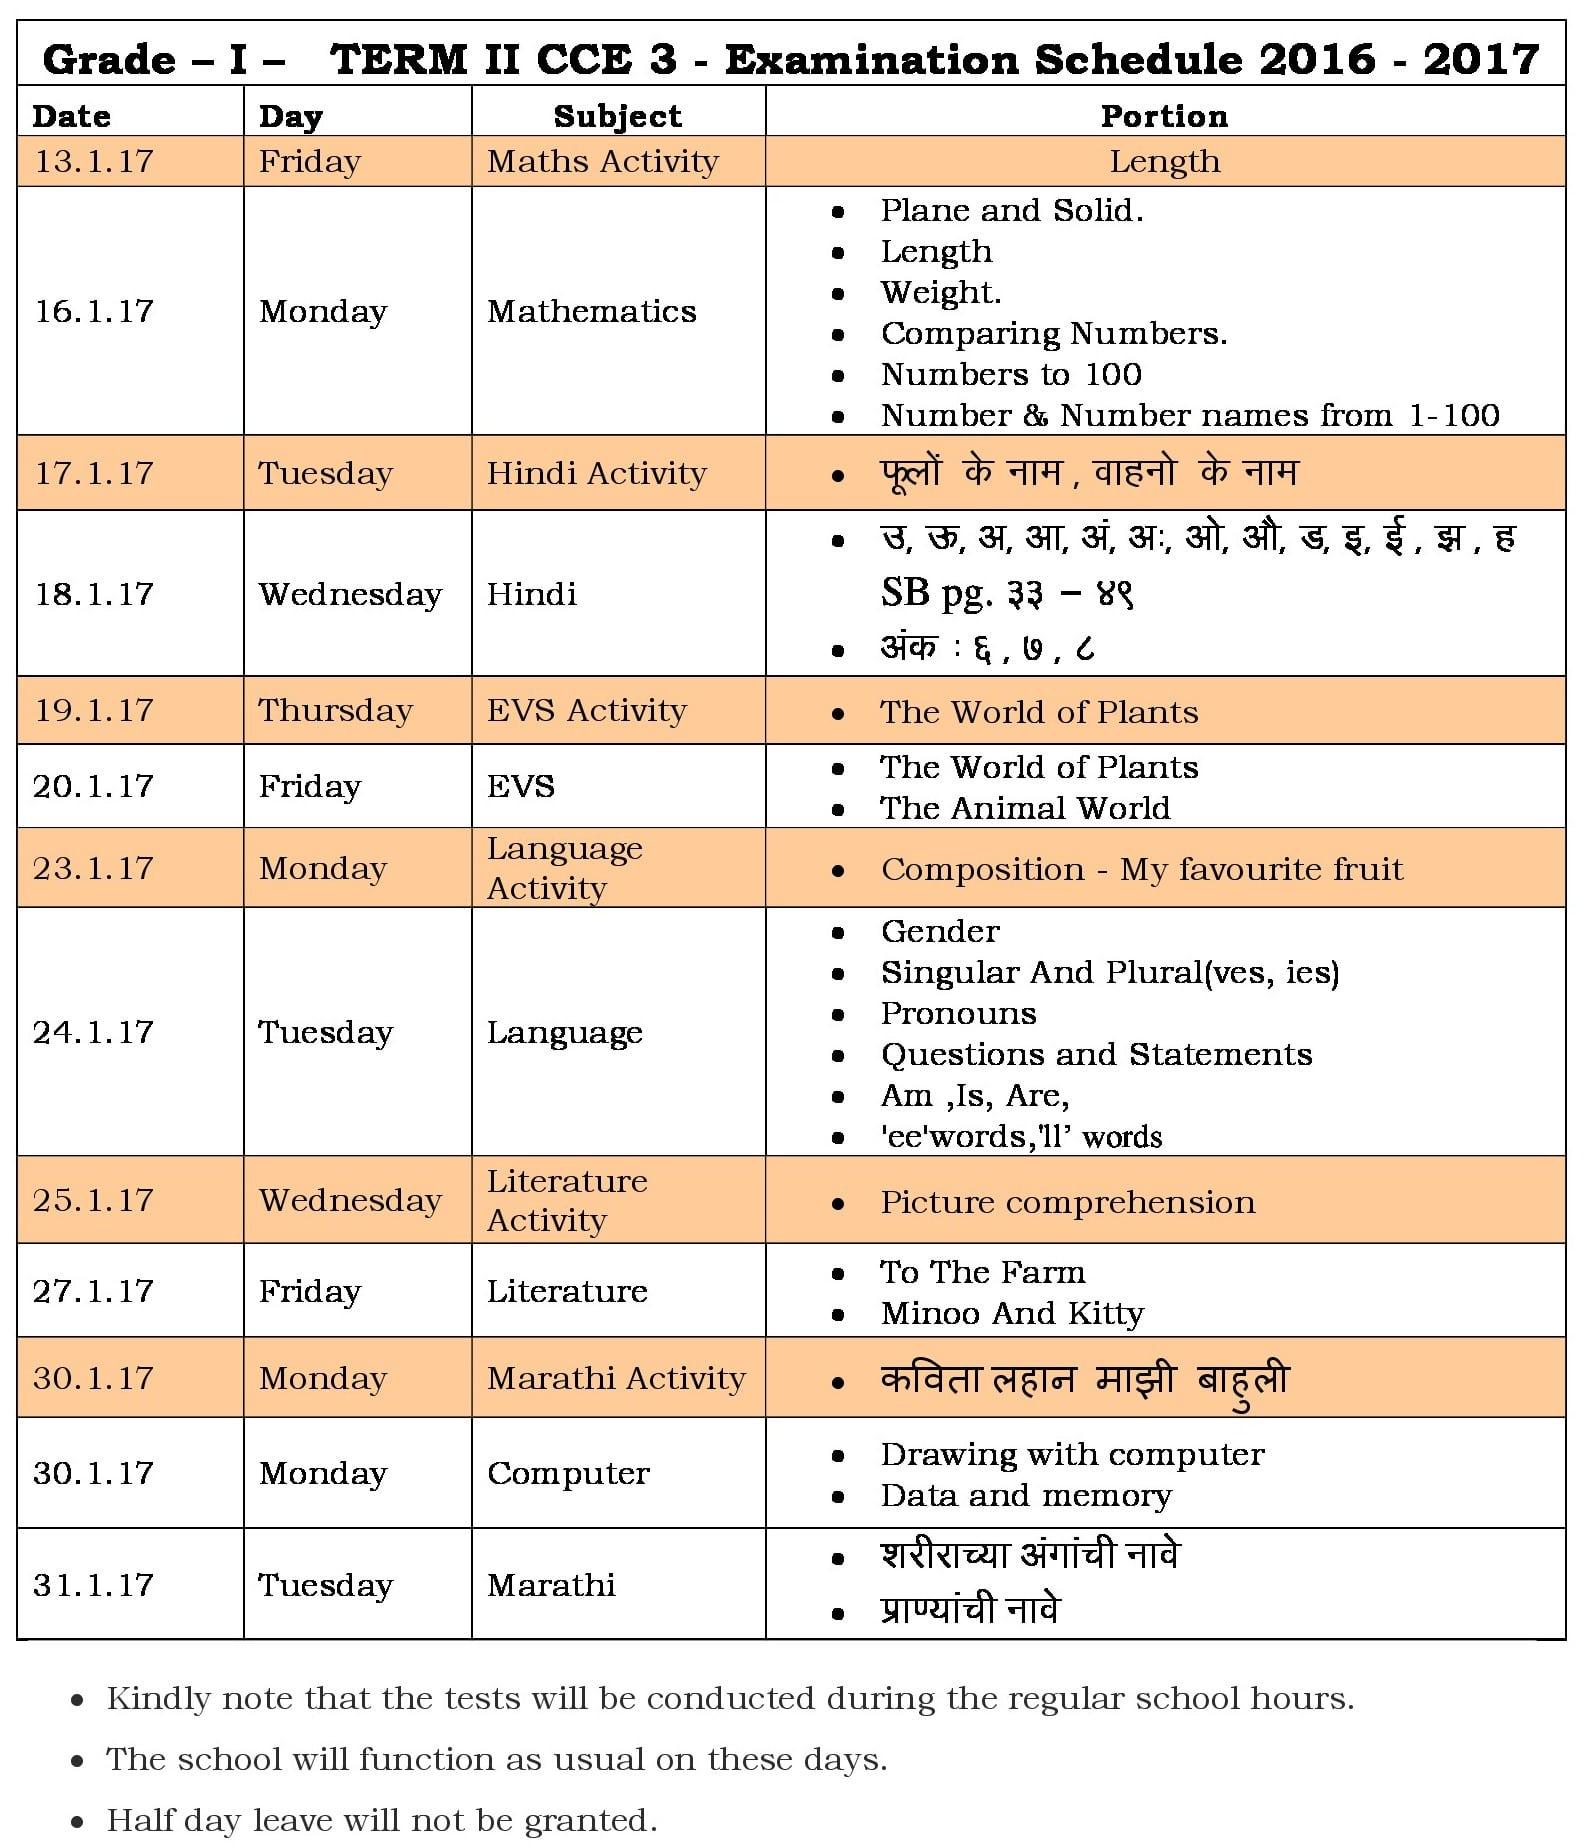 grade-i-term-ii-cce-3-schedule